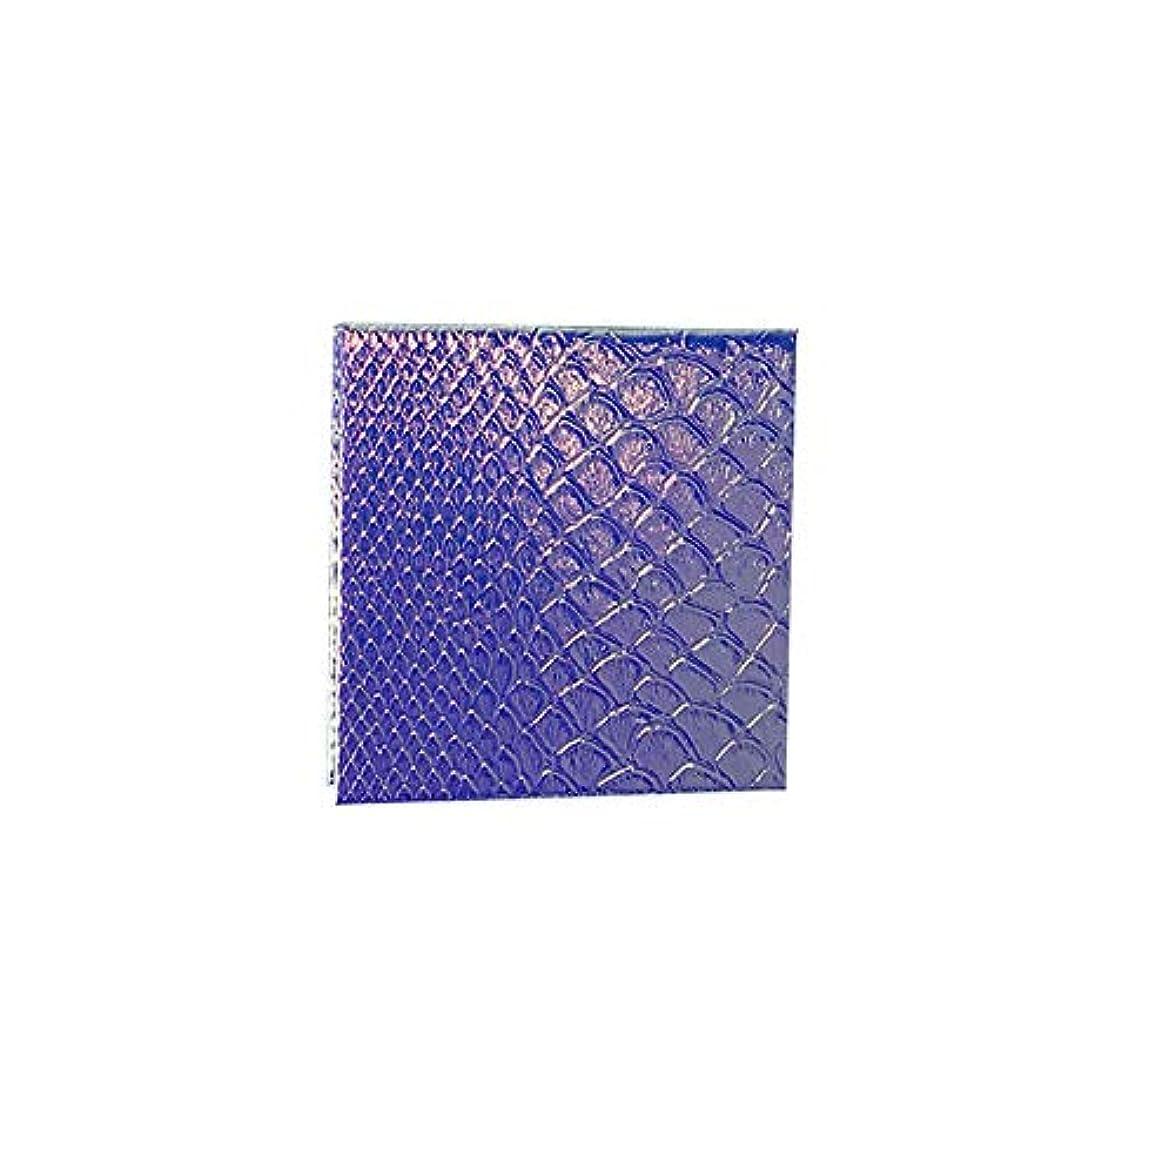 怖がらせる背骨履歴書空の化粧アイシャドーパレット磁気空パレット接着剤空のパレット金属ステッカー空のパレットキット(S)